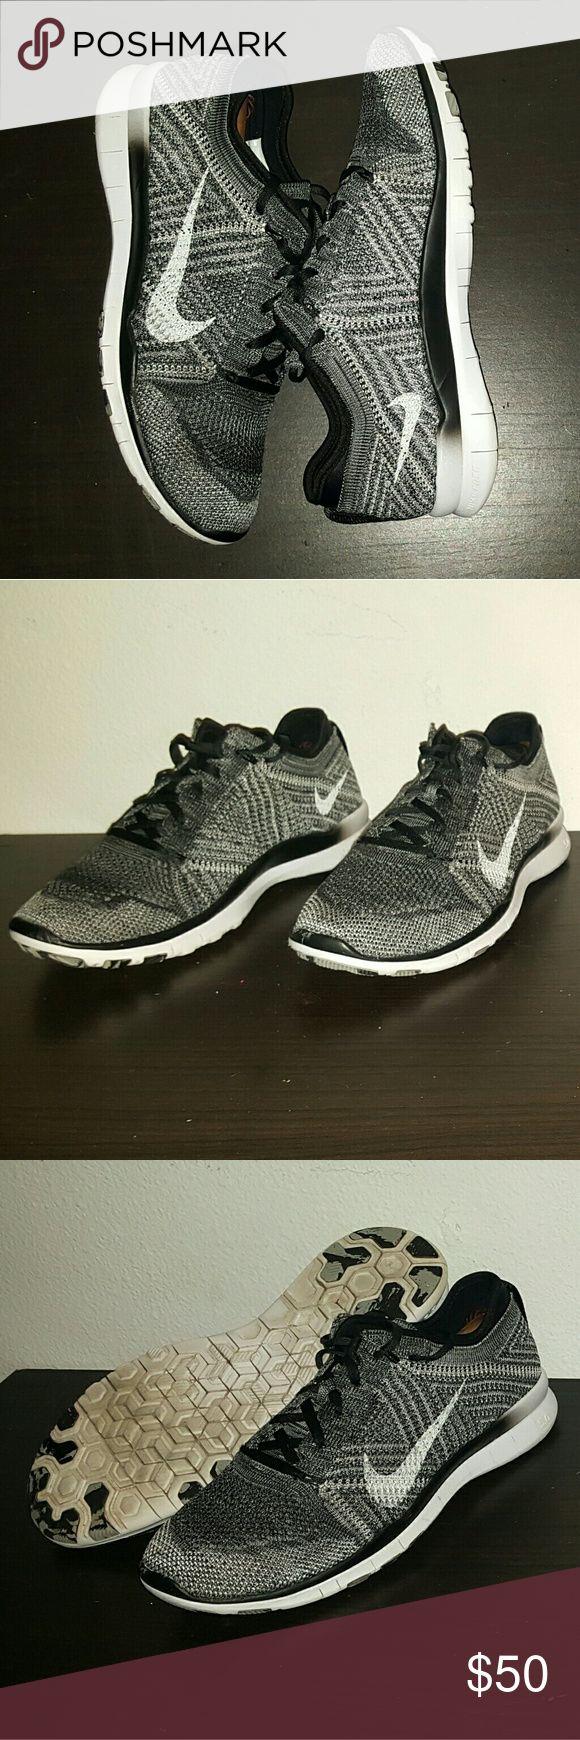 Women's Nike Free Trainer Flyknit Women's Nike Free Trainer Flyknit size 8 good condition Nike Shoes Athletic Shoes